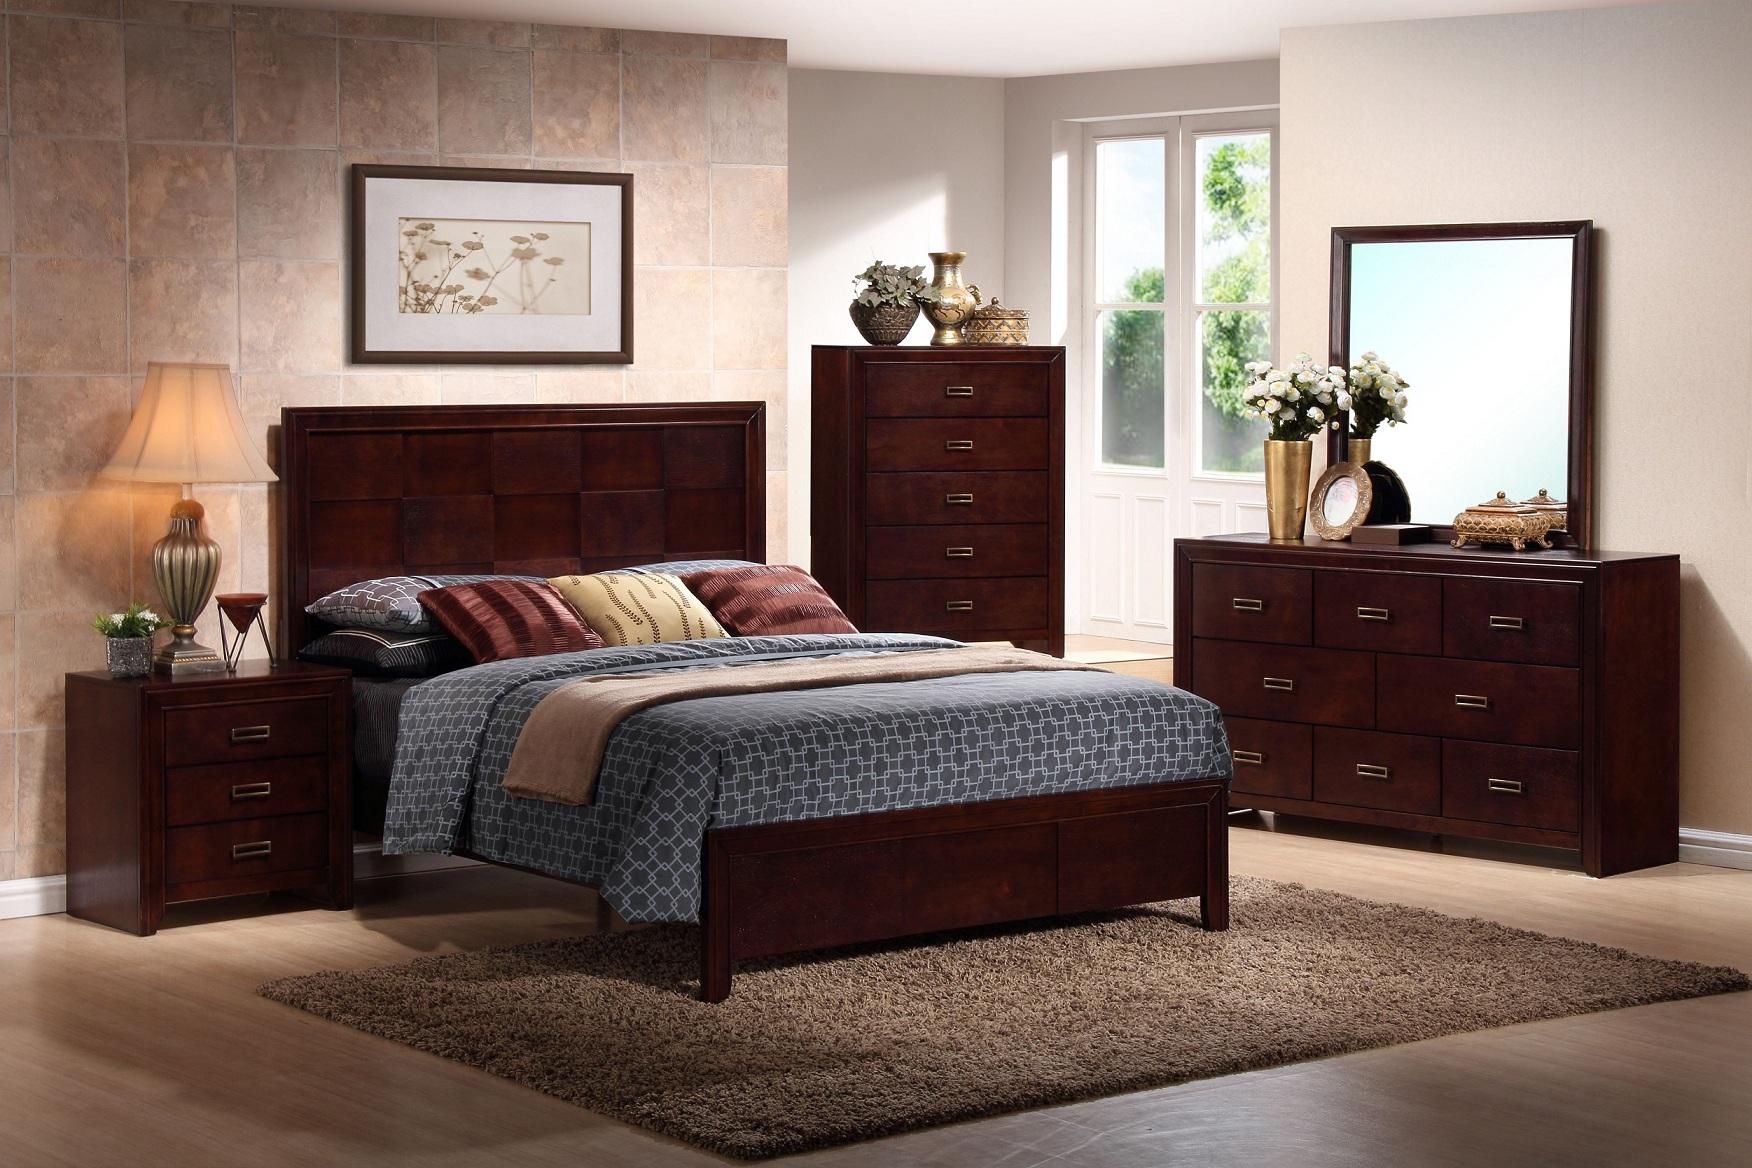 بالصور غرف نوم كلاسيك , اجمل غرف نوم كلاسيك لبيتك 6161 2